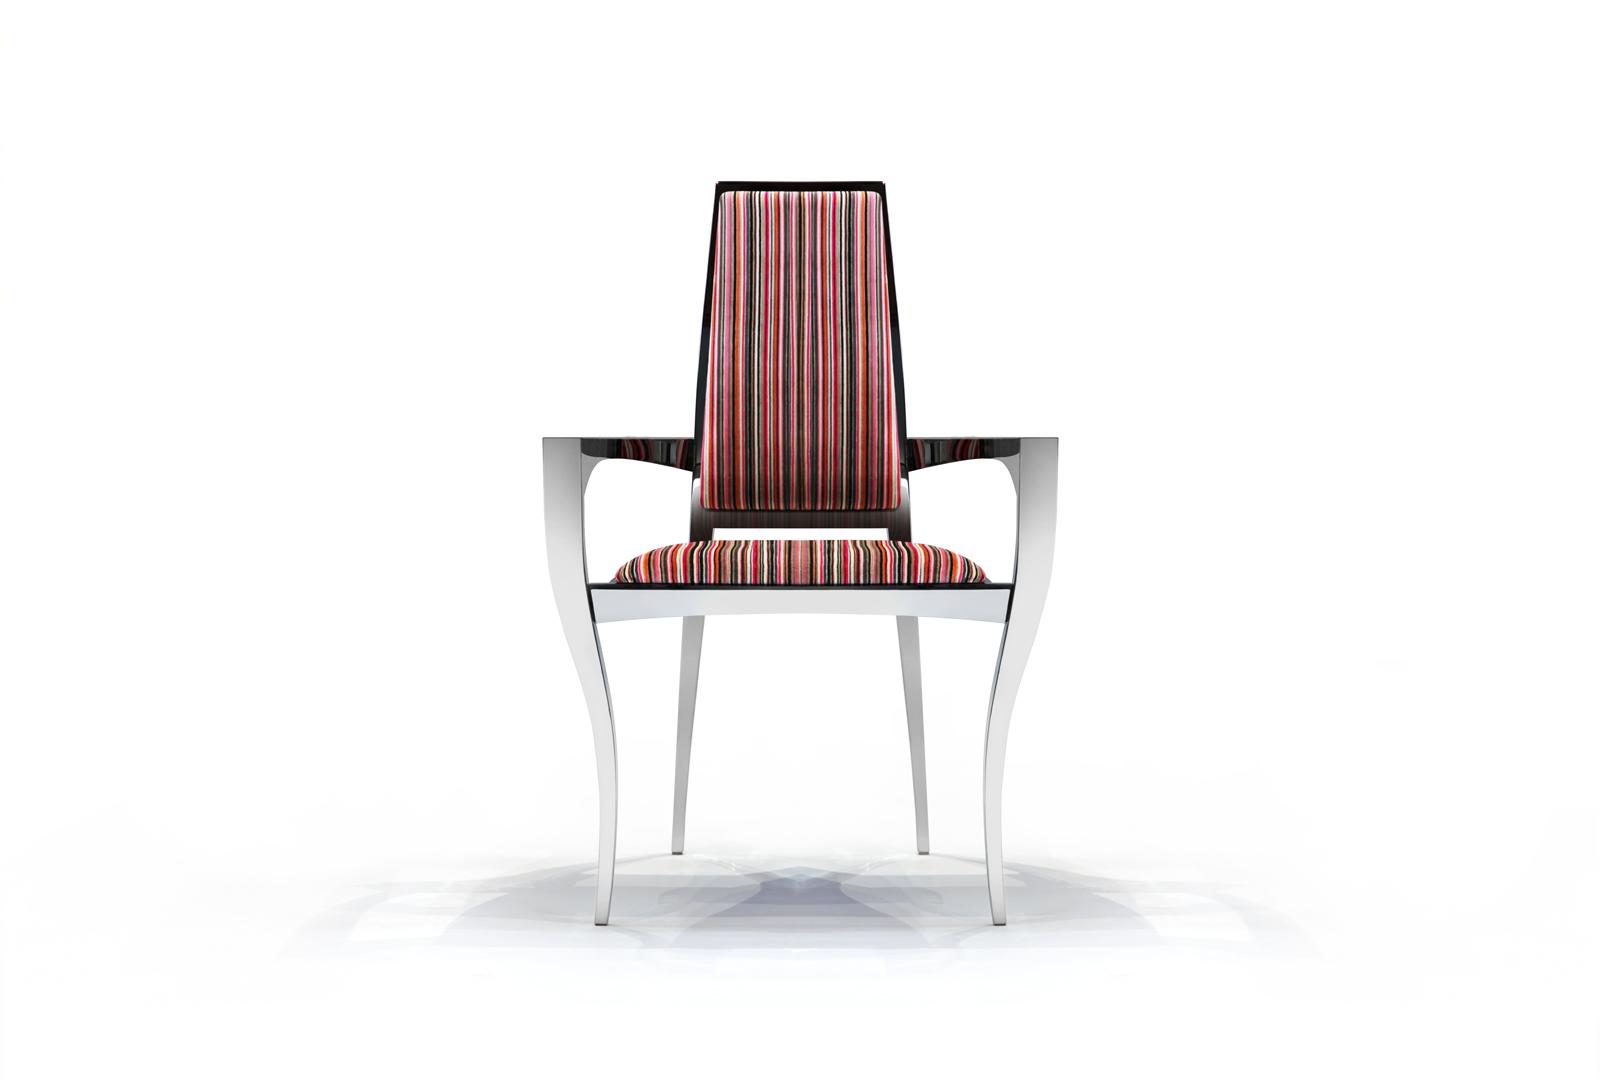 chair design architects cover hire st albans the maximillian evolo architecture magazine